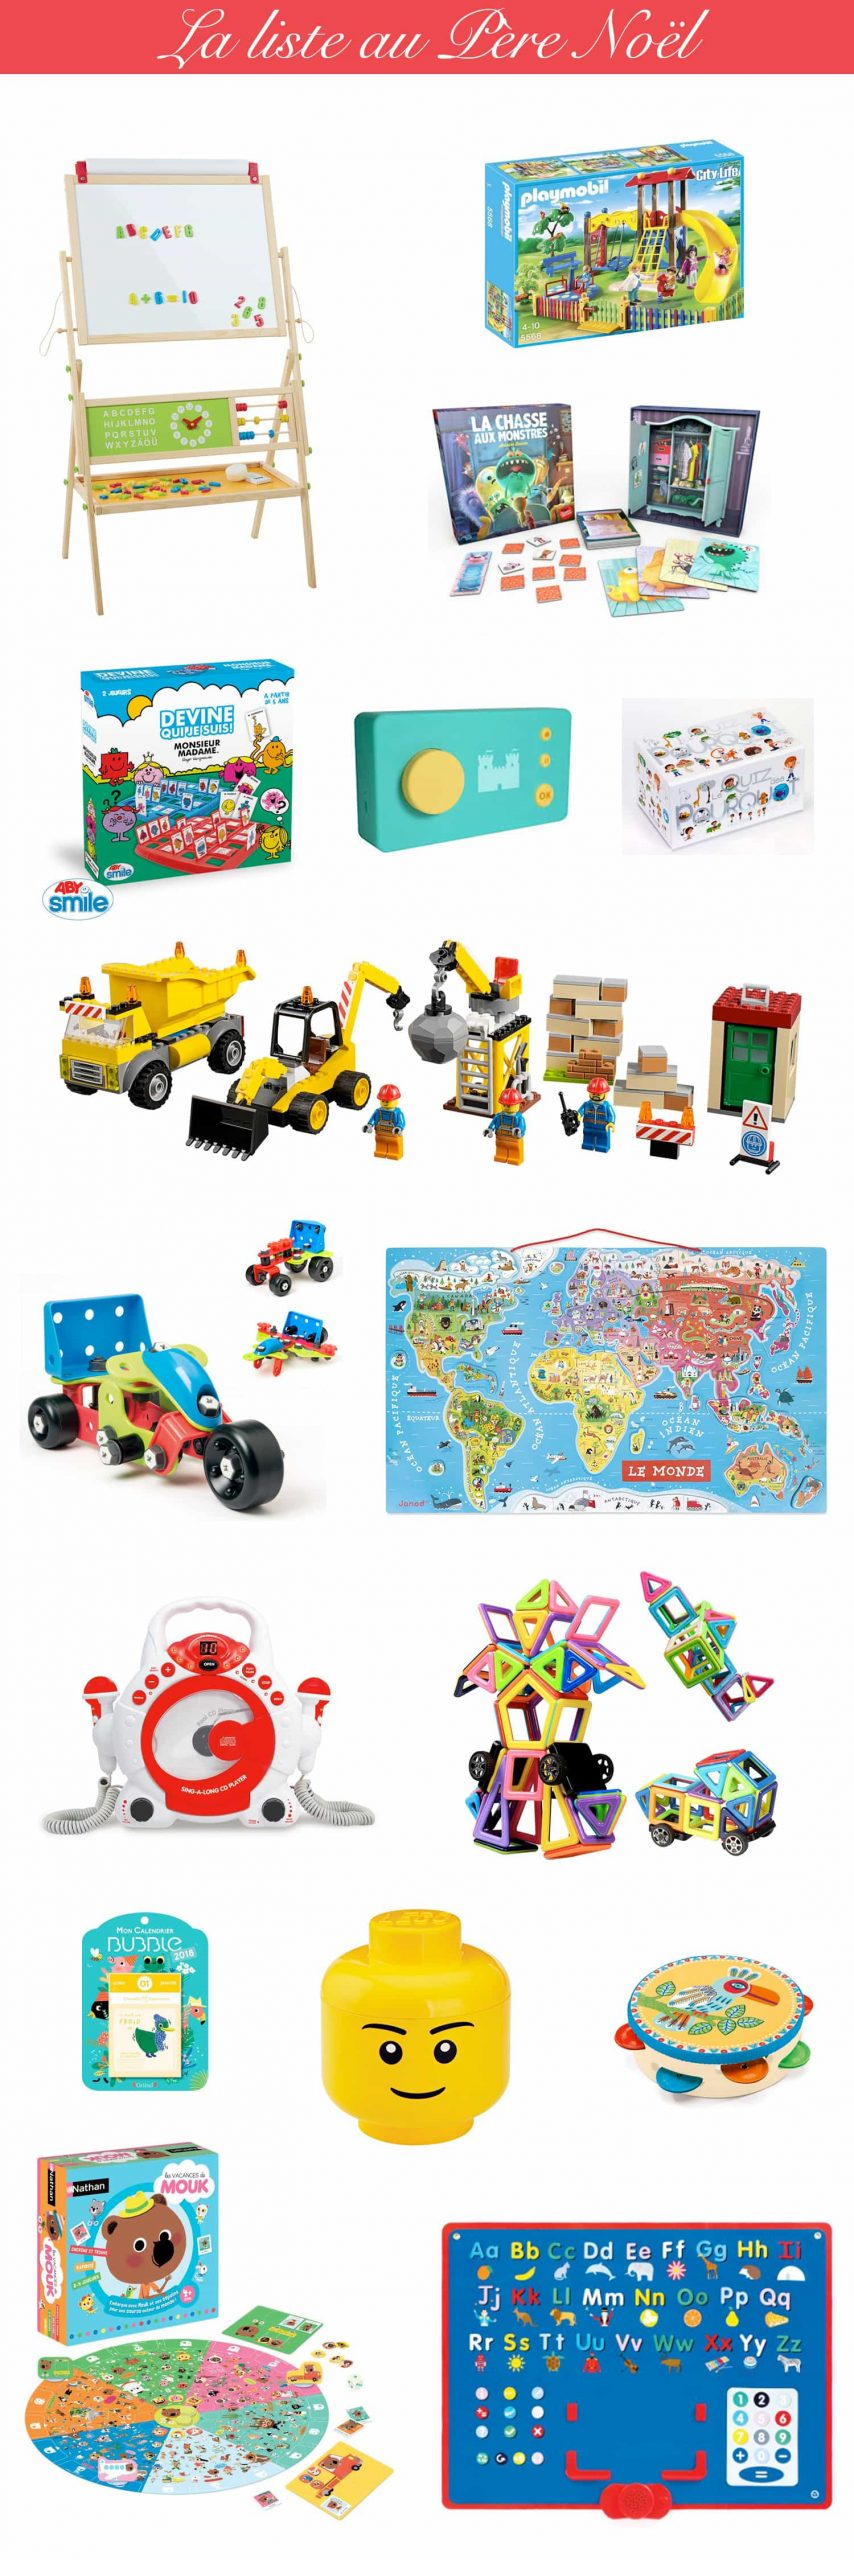 La Liste Au Père Noël : Idées Cadeau Garçon & Fille 4 Ans pour Jeux Gratuit Garçon 4 Ans